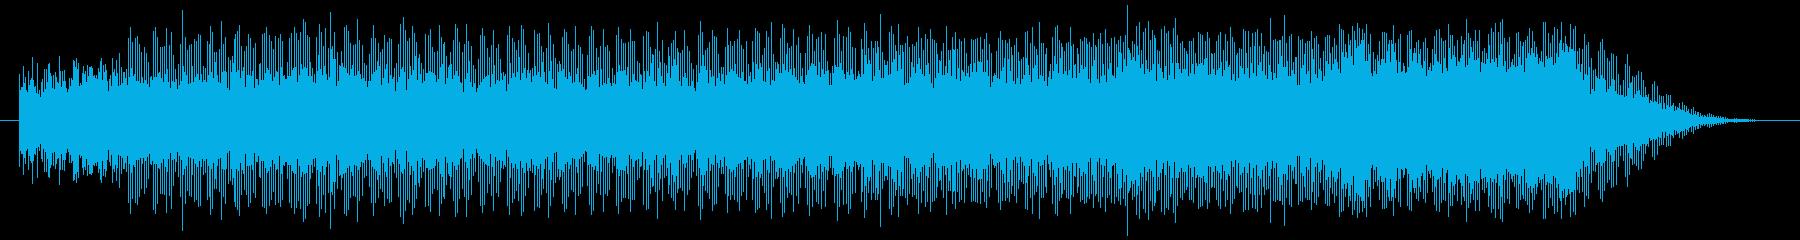 『見渡す限りの花菖蒲』をイメージの再生済みの波形